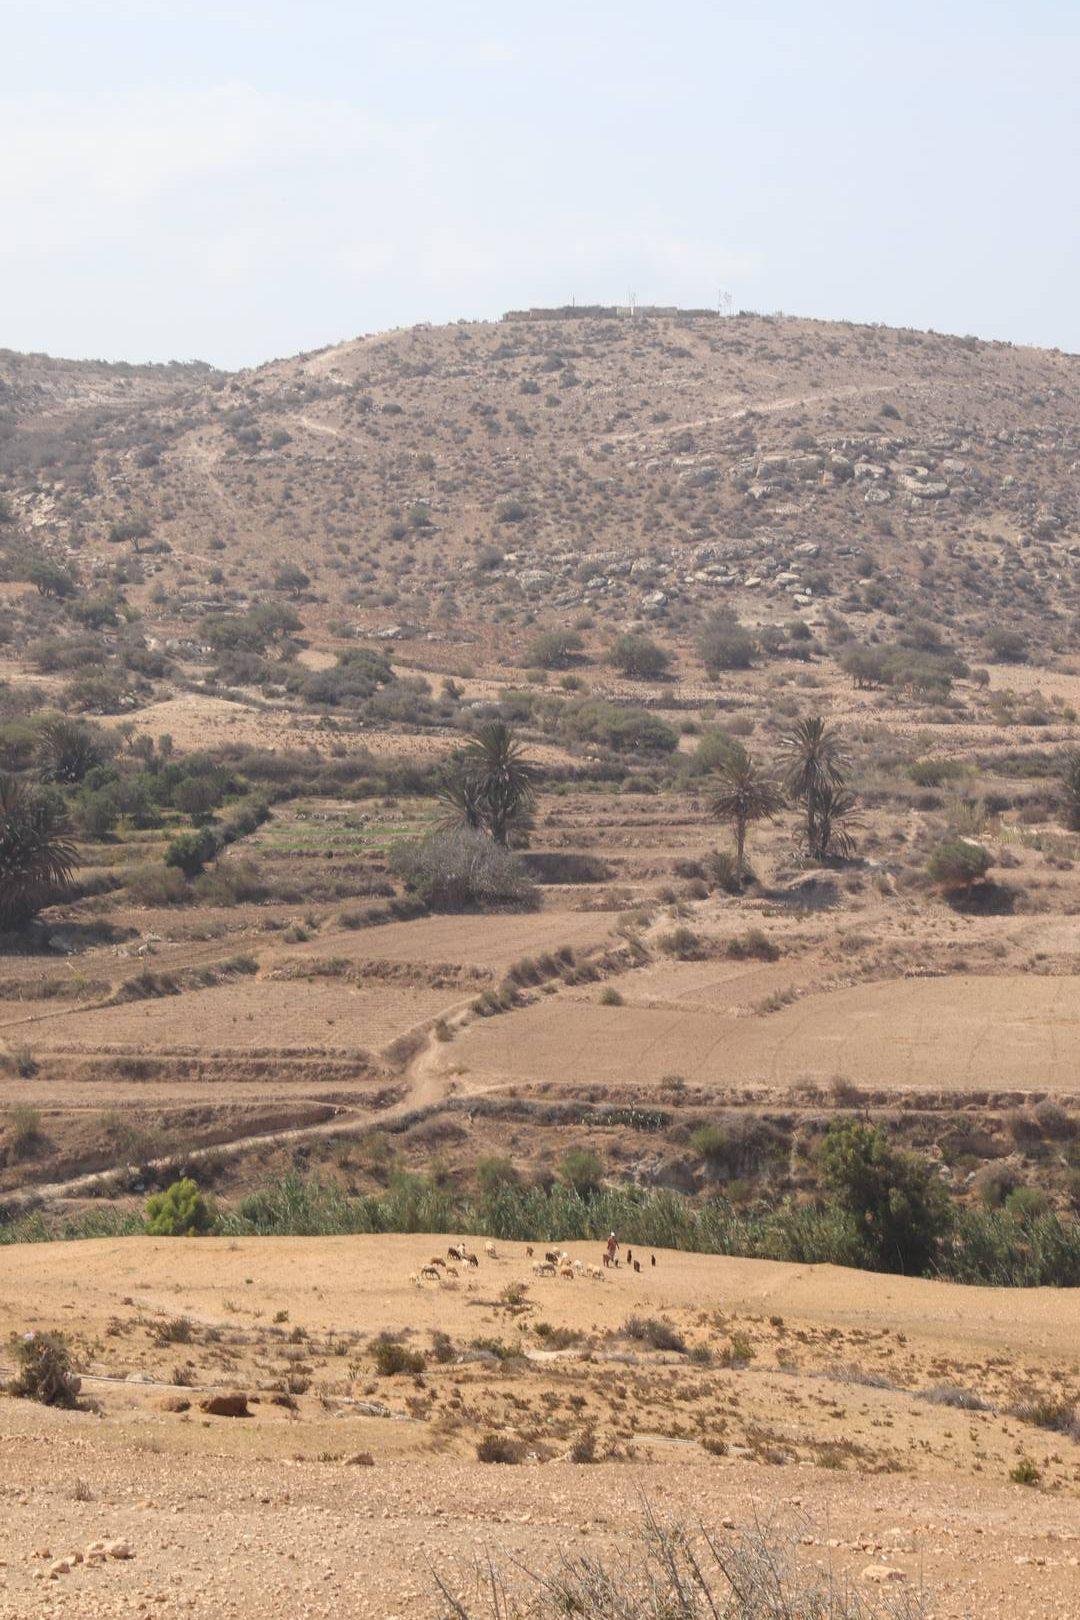 Maroc - Randonnée au Sud d'Essaouira